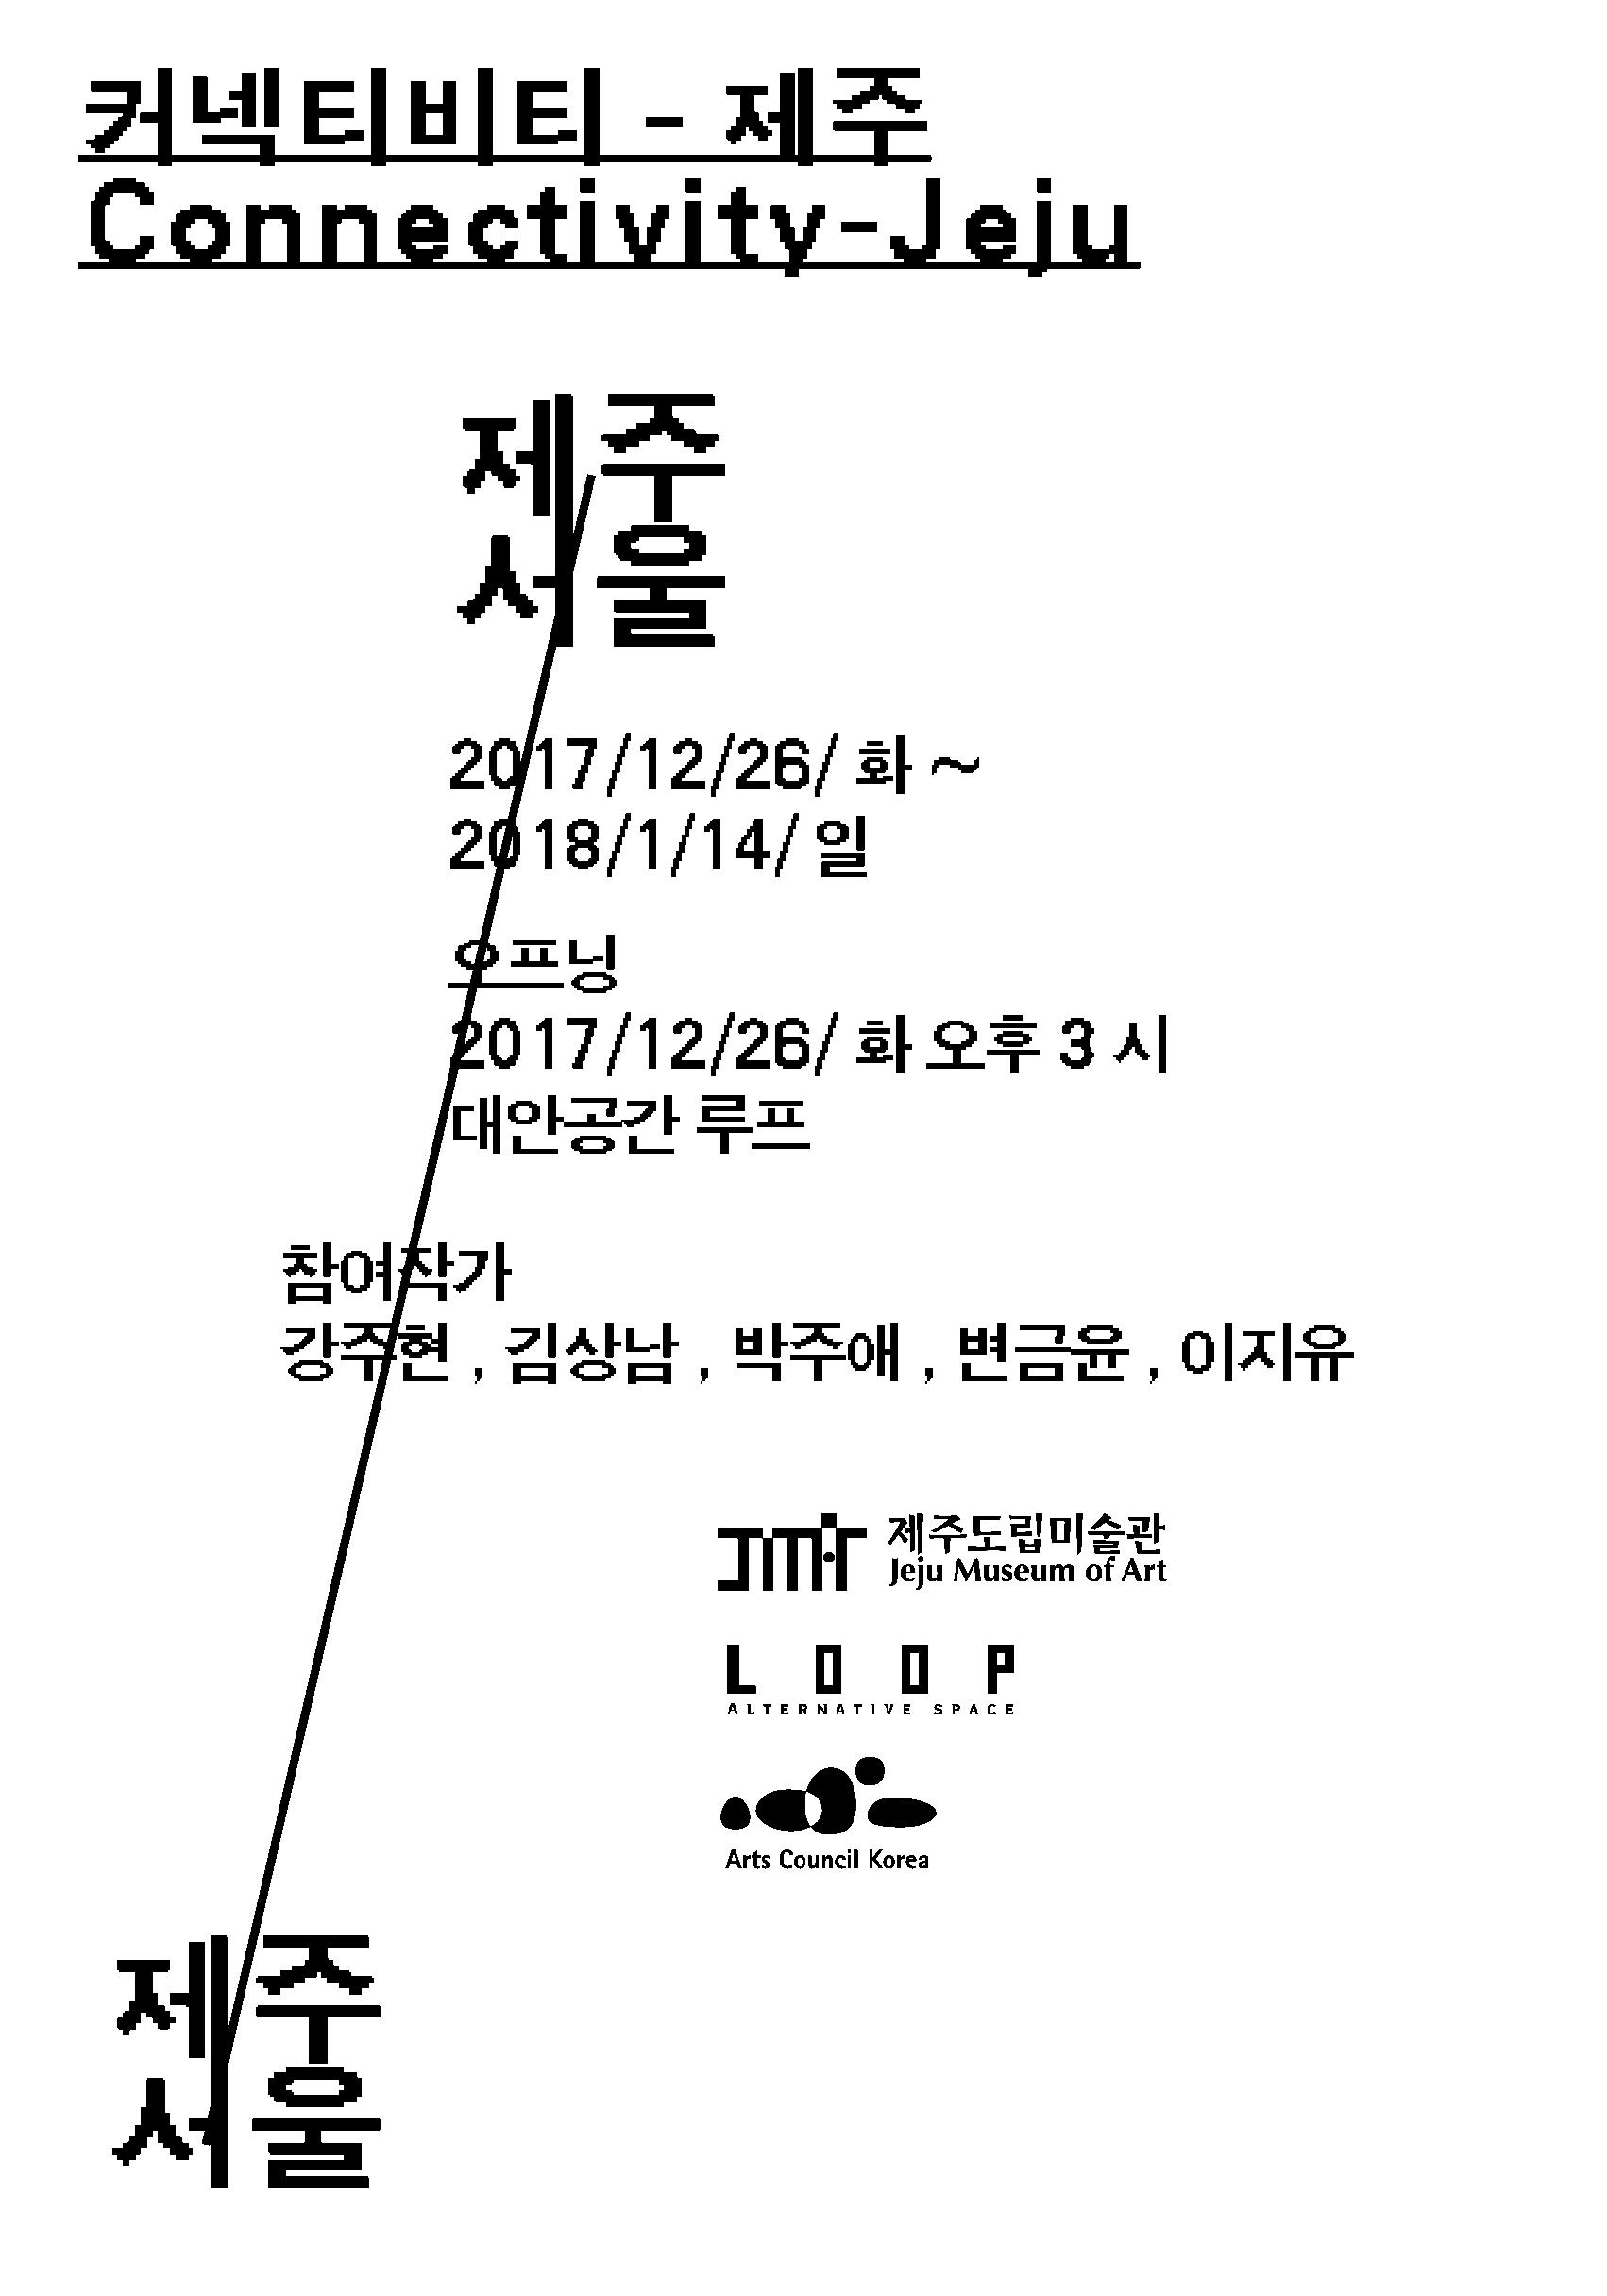 Connectivity-Jeju: Juhyun Kang, Sangnam Kim, Juae Park, Geumyun Byun, Jiyu Lee